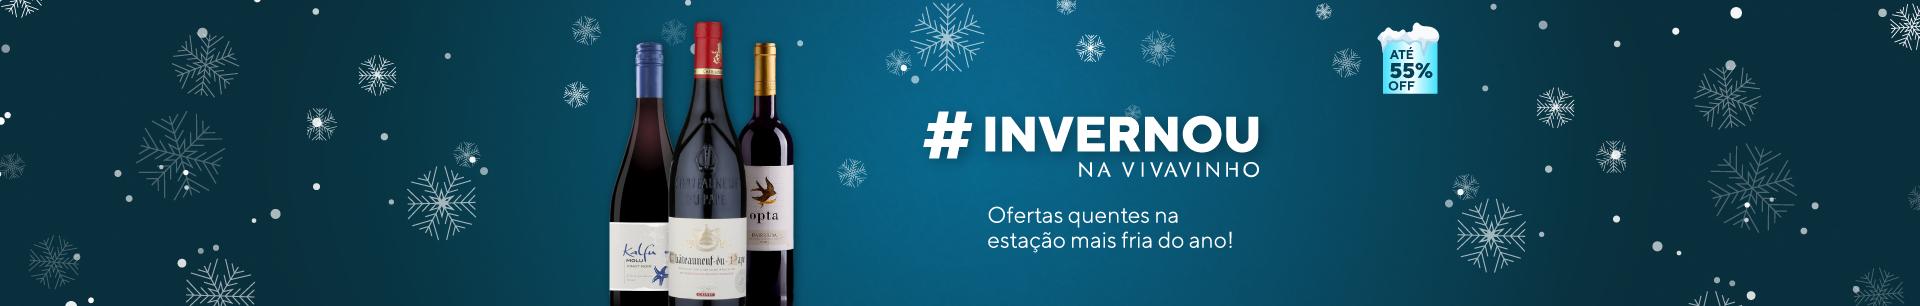 Banner Interno